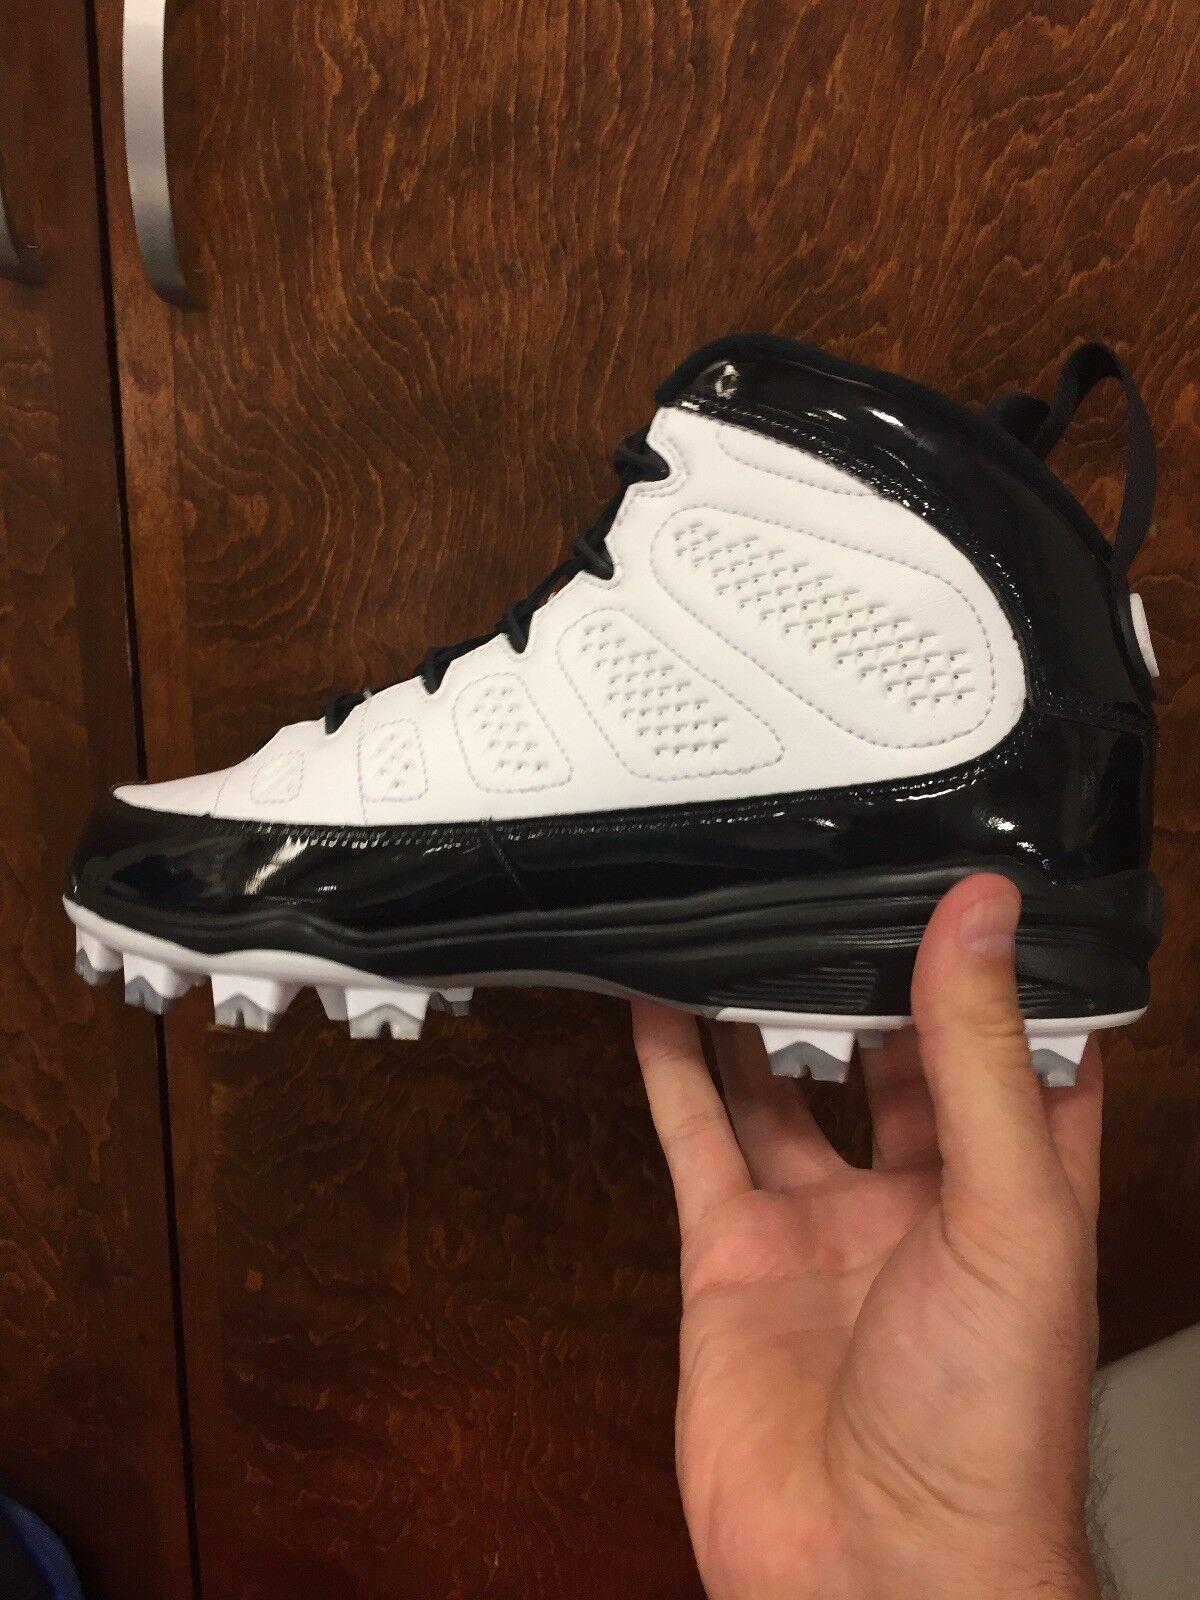 8b5ea25df42 Mens Nike Jordan IX Retro MCS Cleats Size 100) No Box (AA1264 11 ...